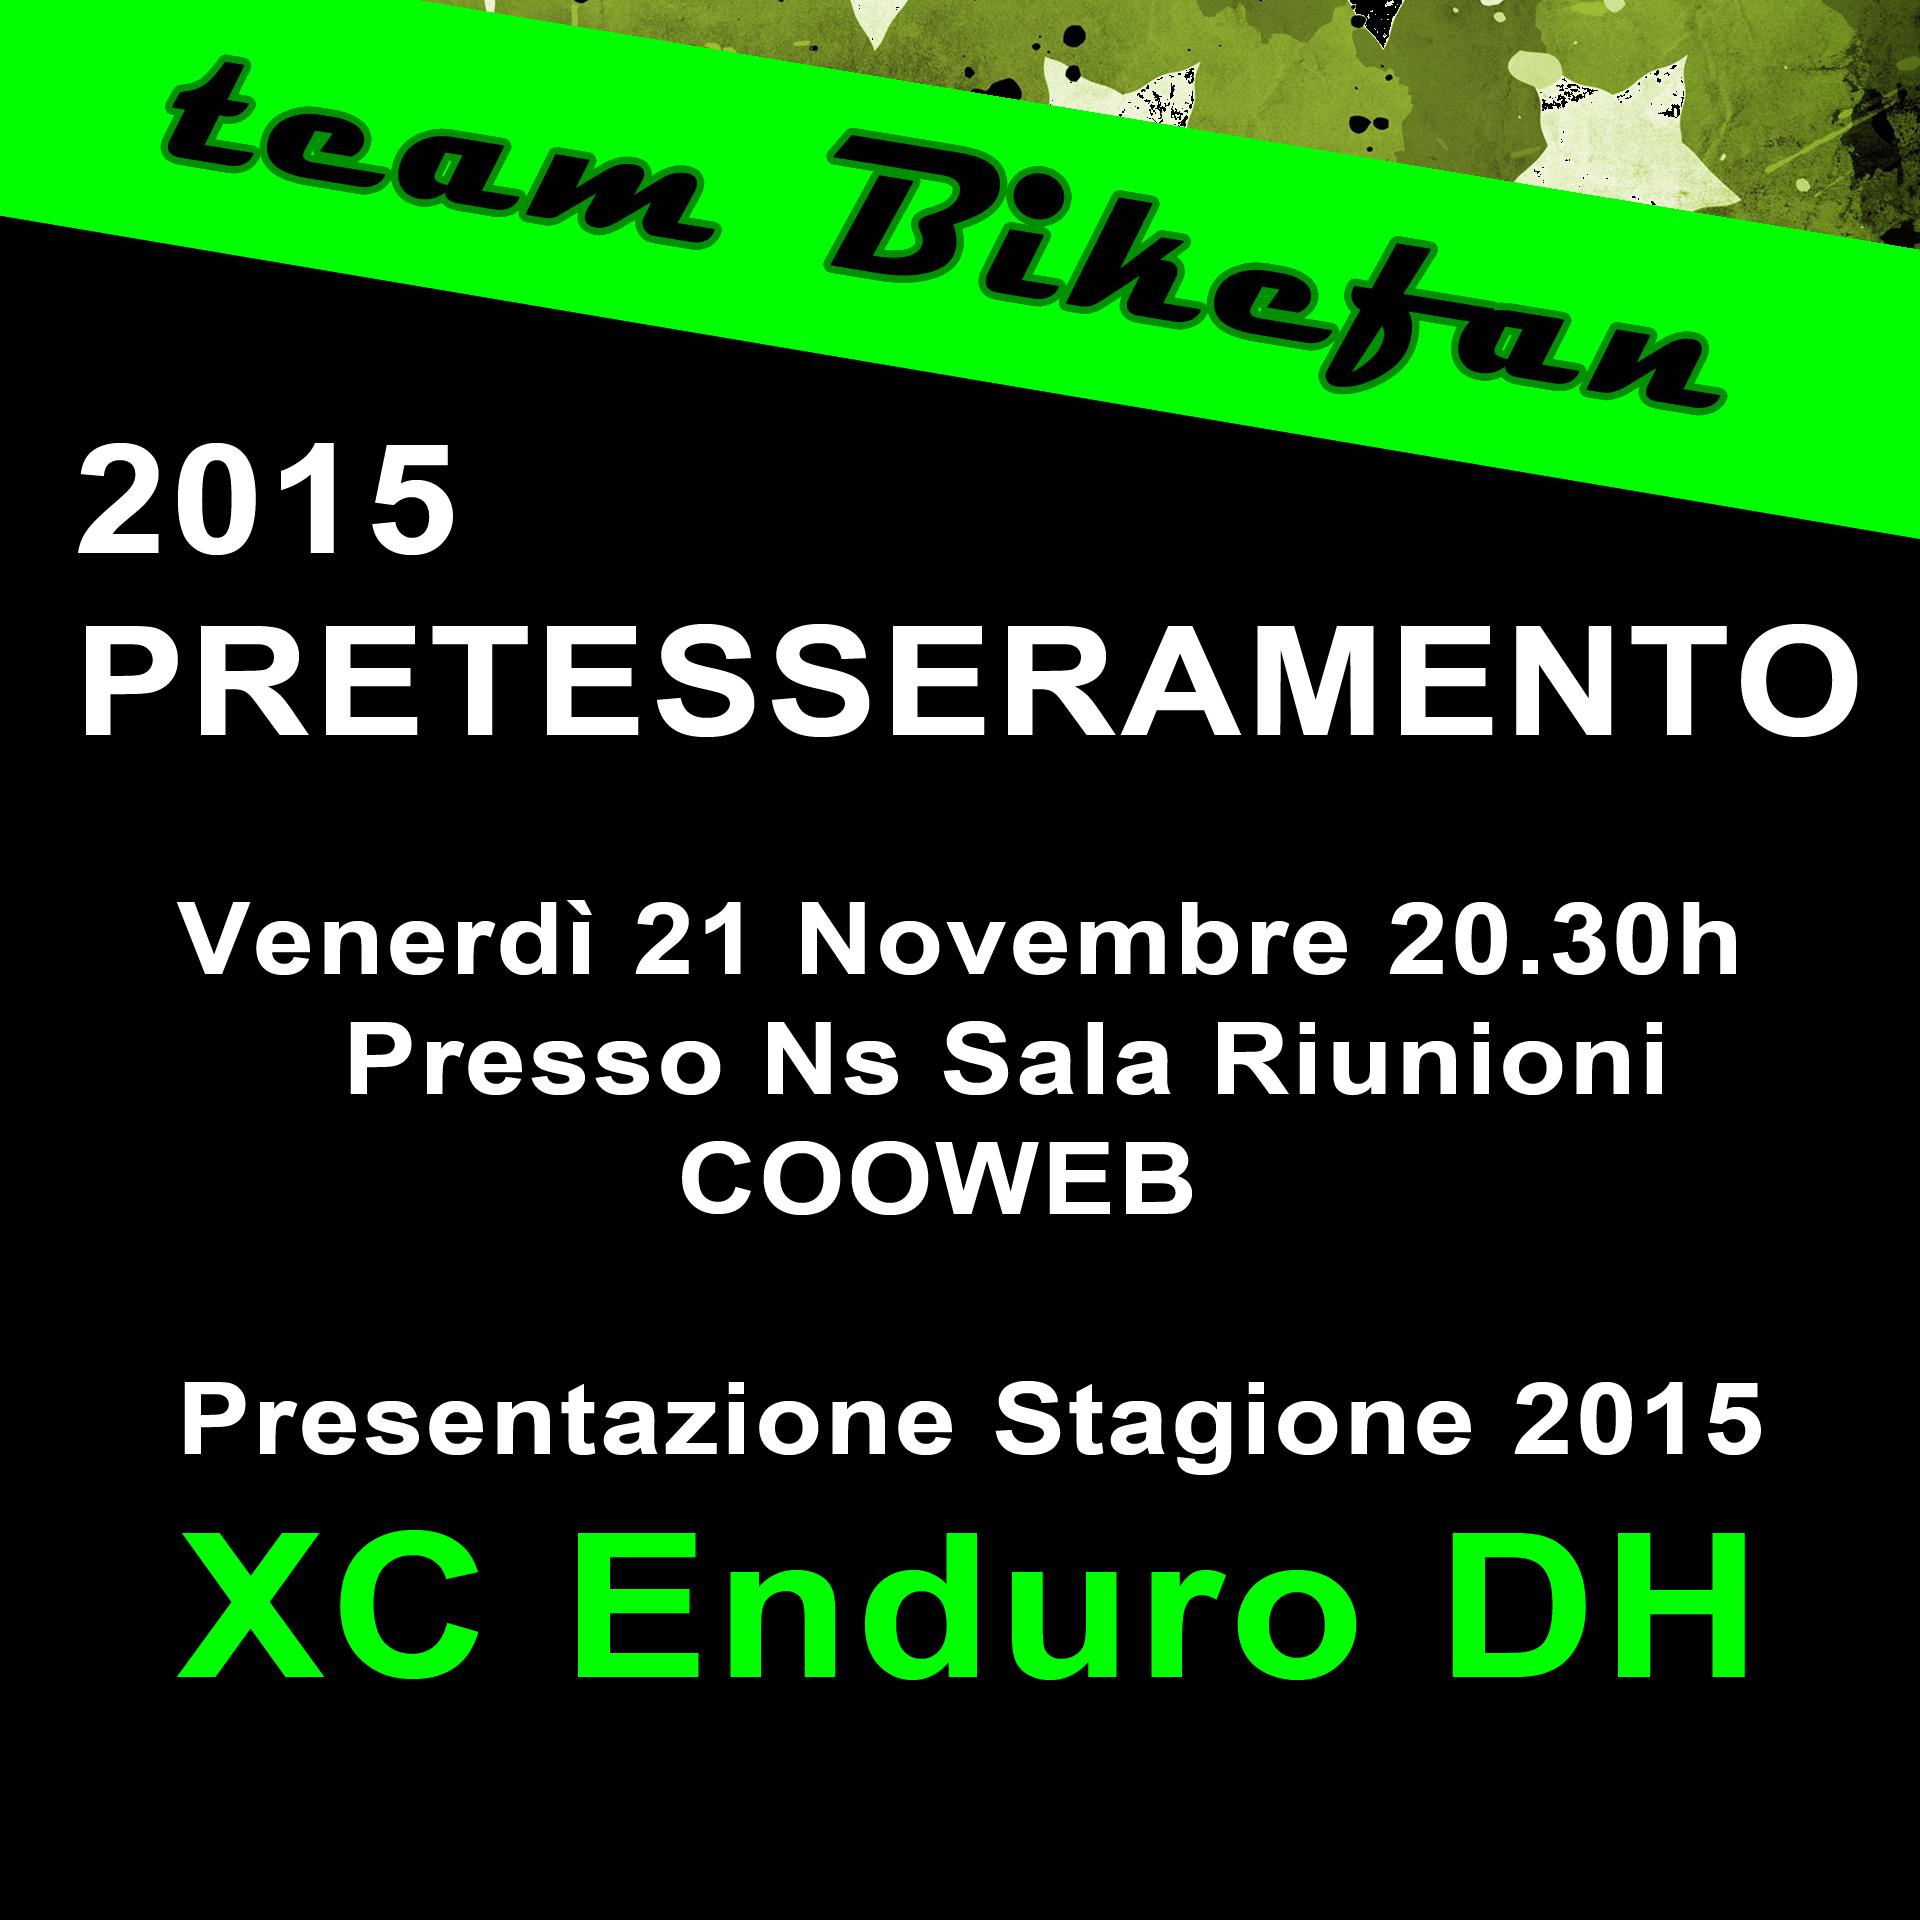 Pretesseramento-2015